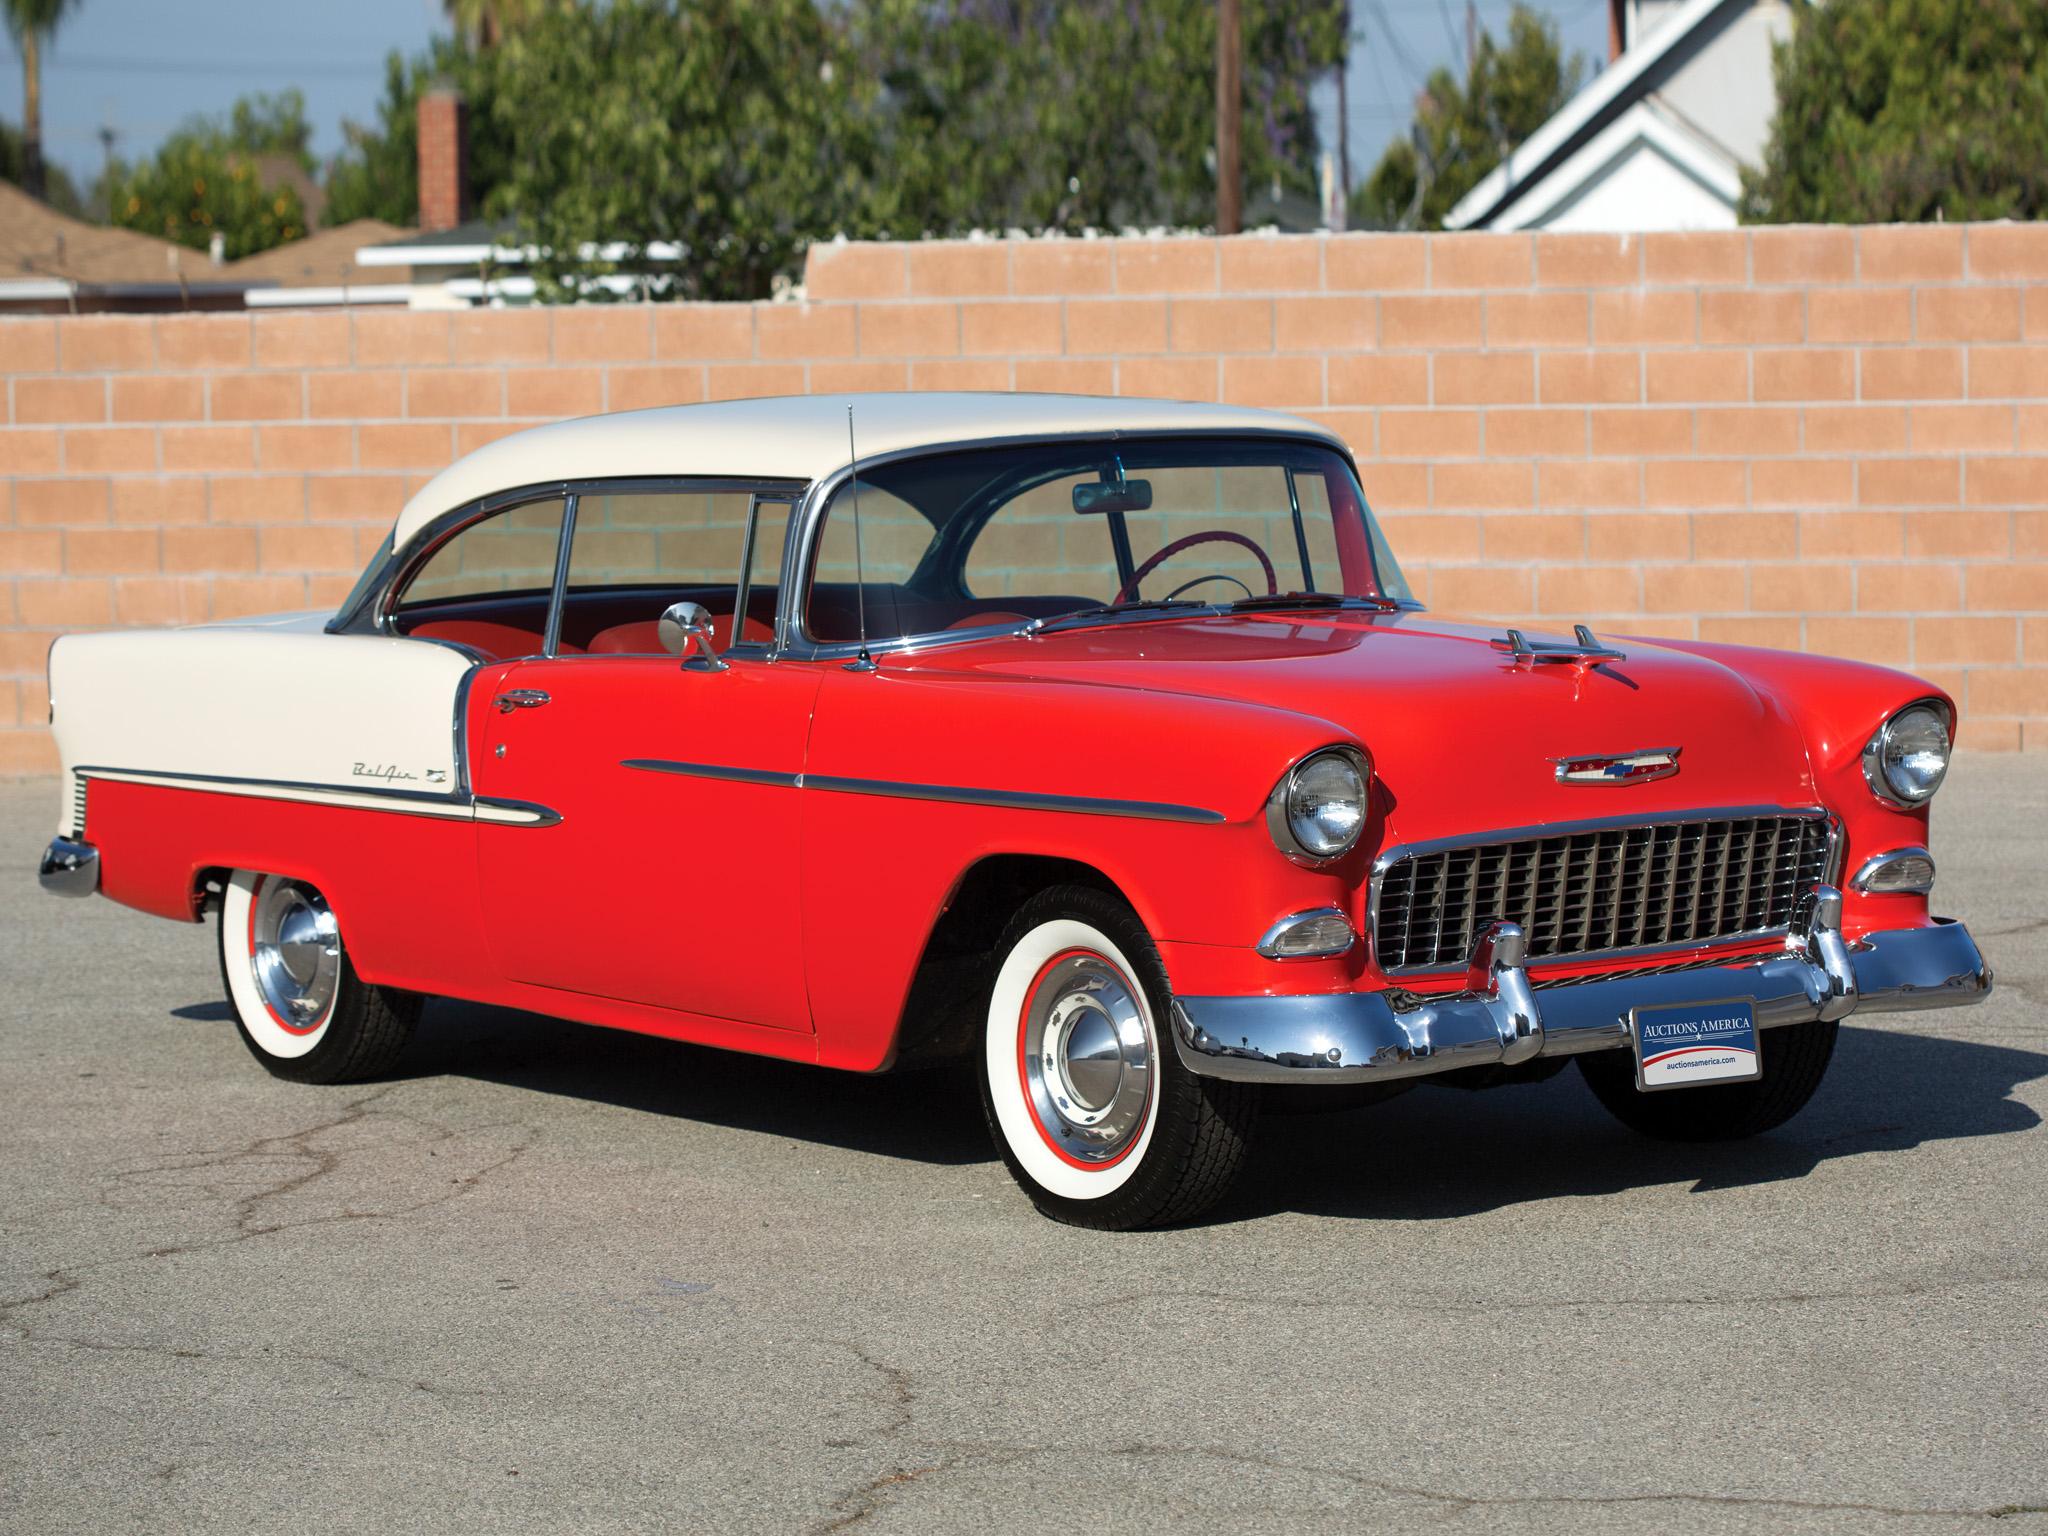 1955 chevrolet bel air sport coupe 2454 1037d retro g wallpaper 2048x1536 115620 wallpaperup - 1955 chevrolet belair sport coupe ...